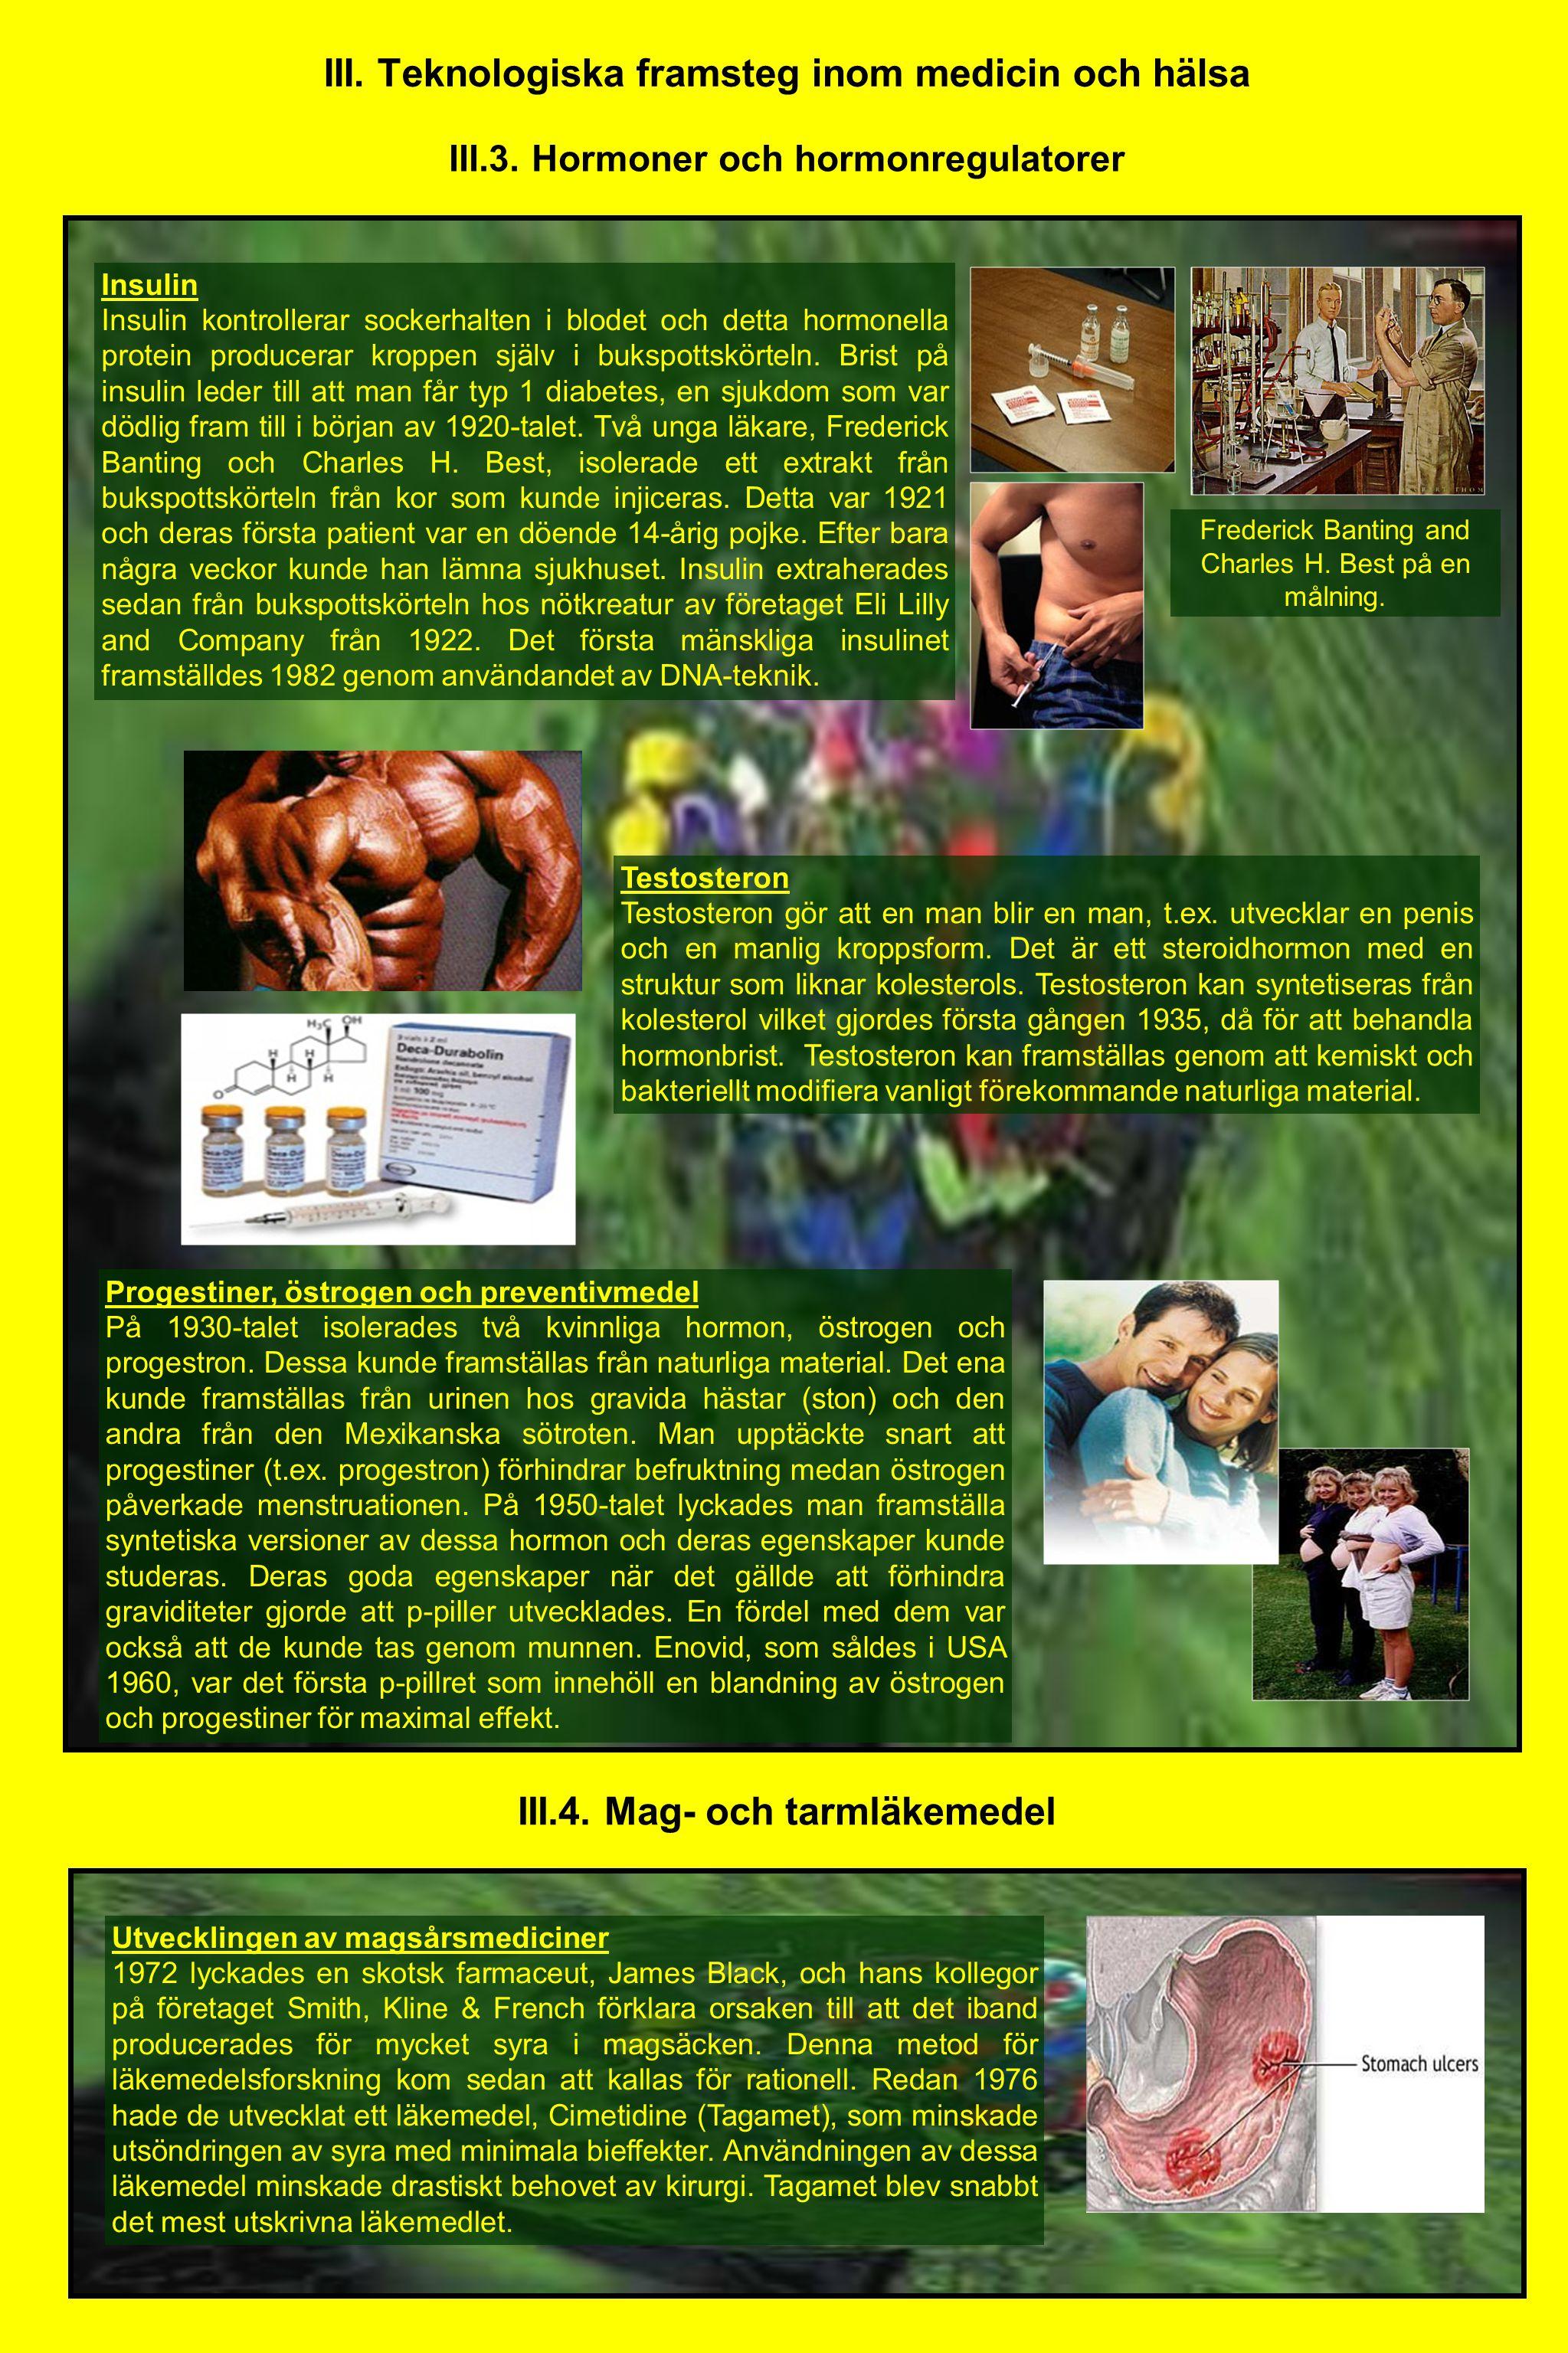 III. Teknologiska framsteg inom medicin och hälsa III.3. Hormoner och hormonregulatorer Insulin Insulin kontrollerar sockerhalten i blodet och detta h